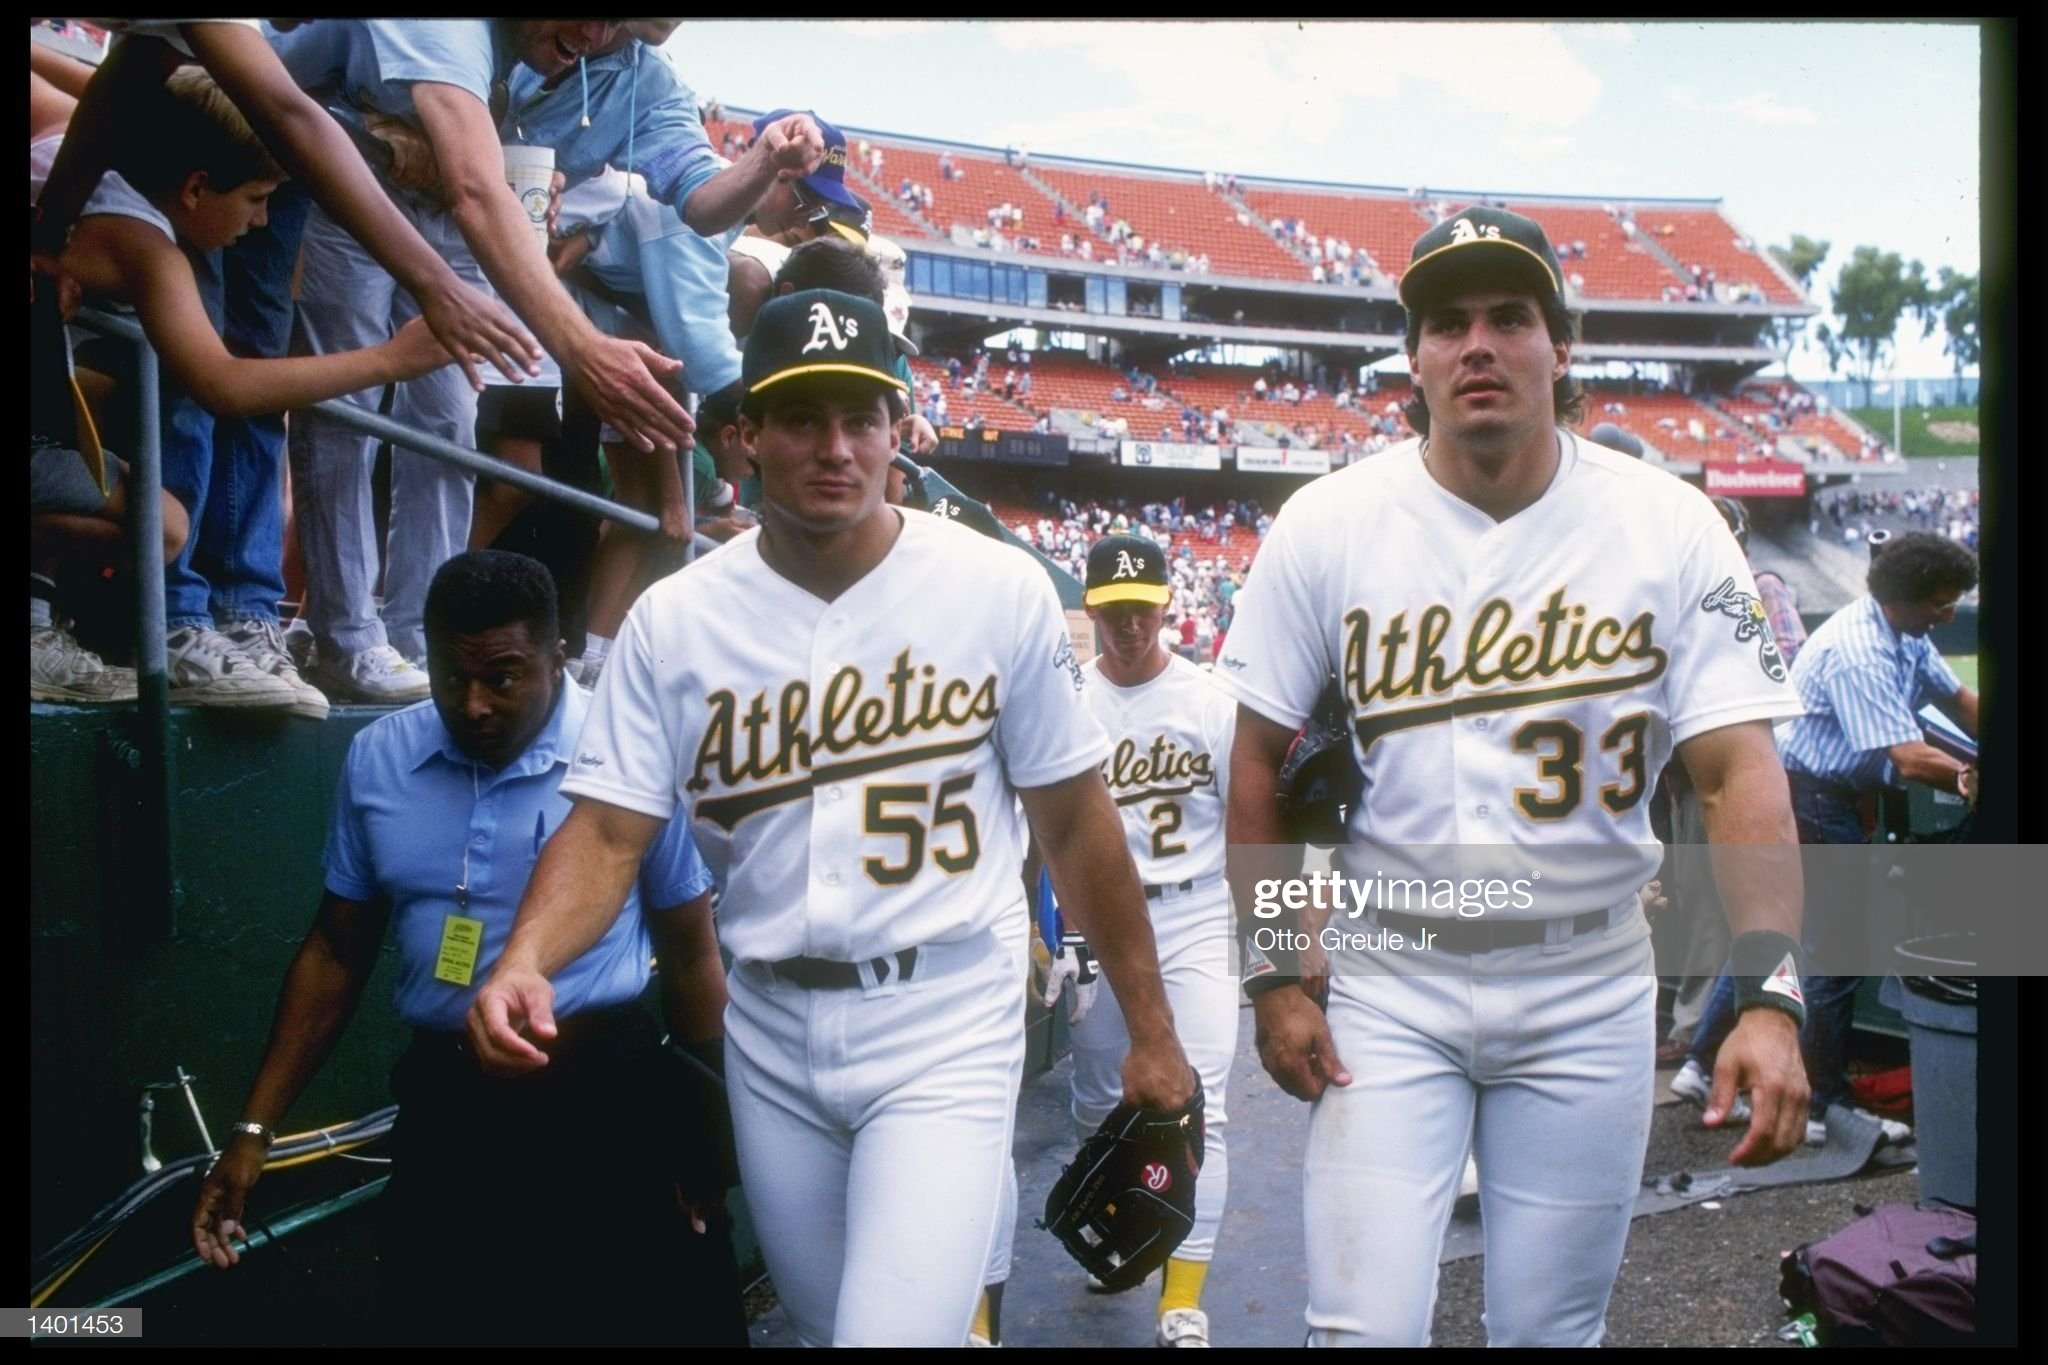 Oakland Athletics : Fotografía de noticias